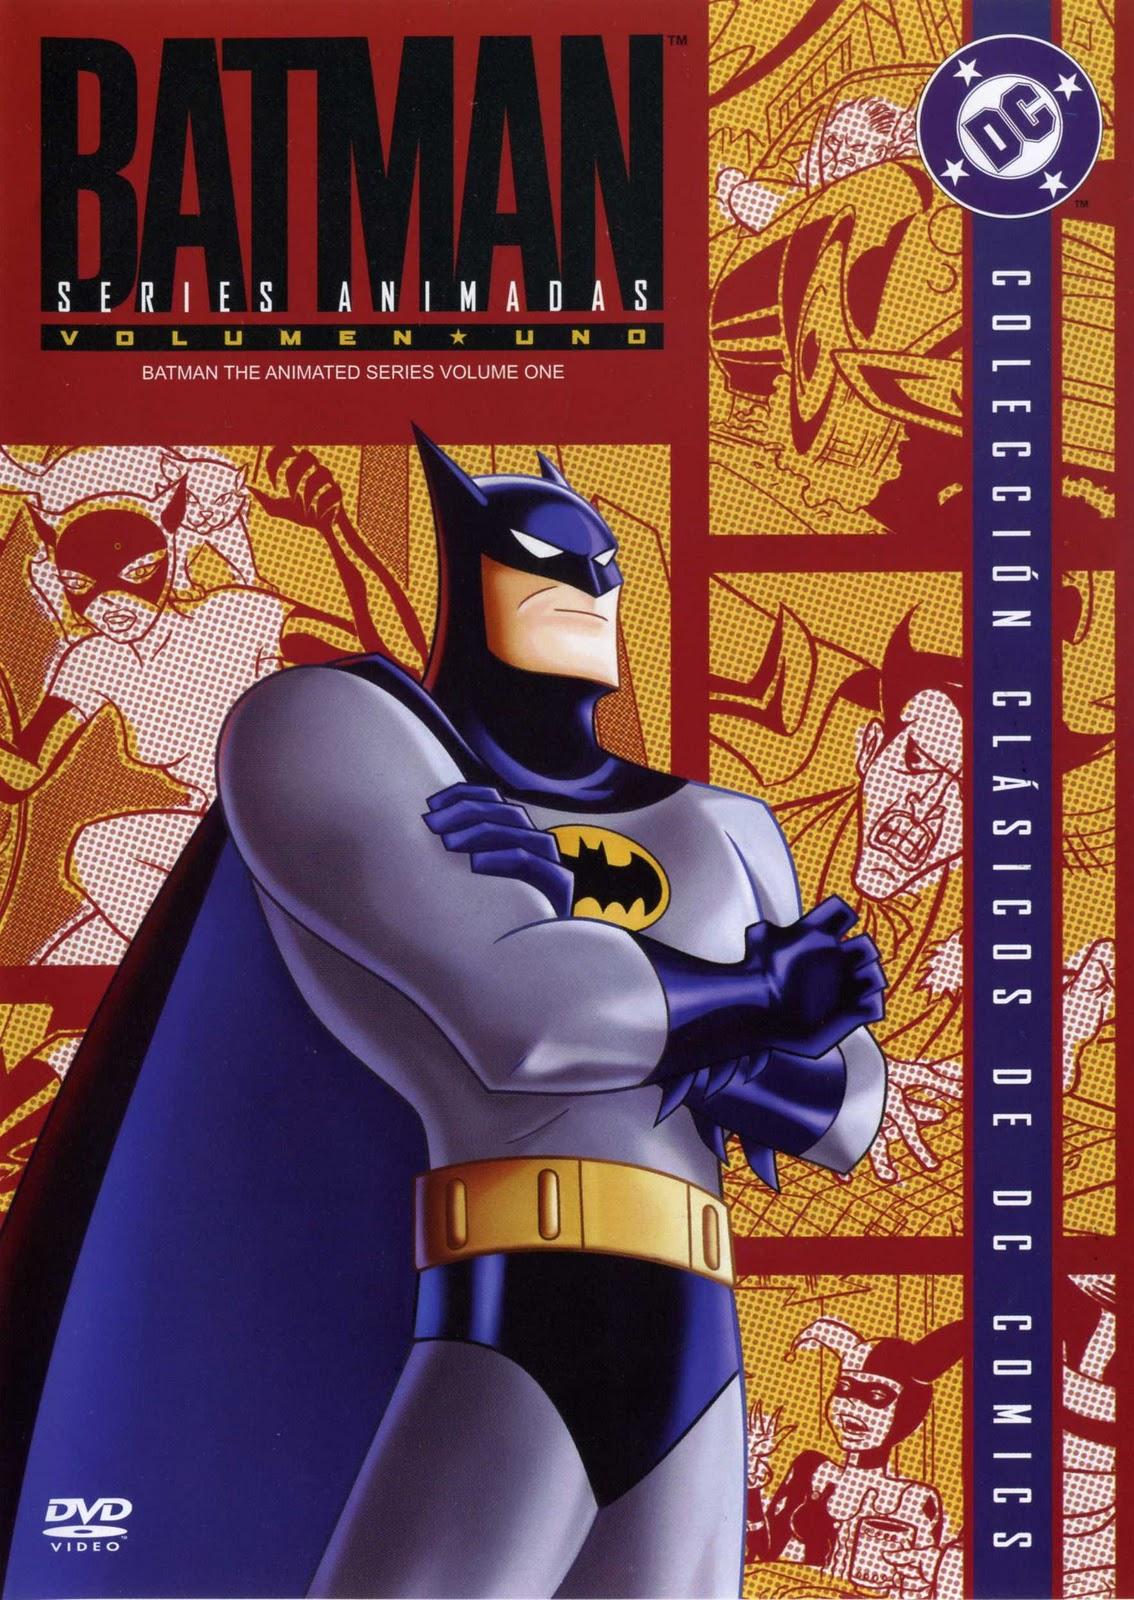 [AVH] Colección DVD Batman La Serie Animada BATMAN+SERIE+ANIMADA